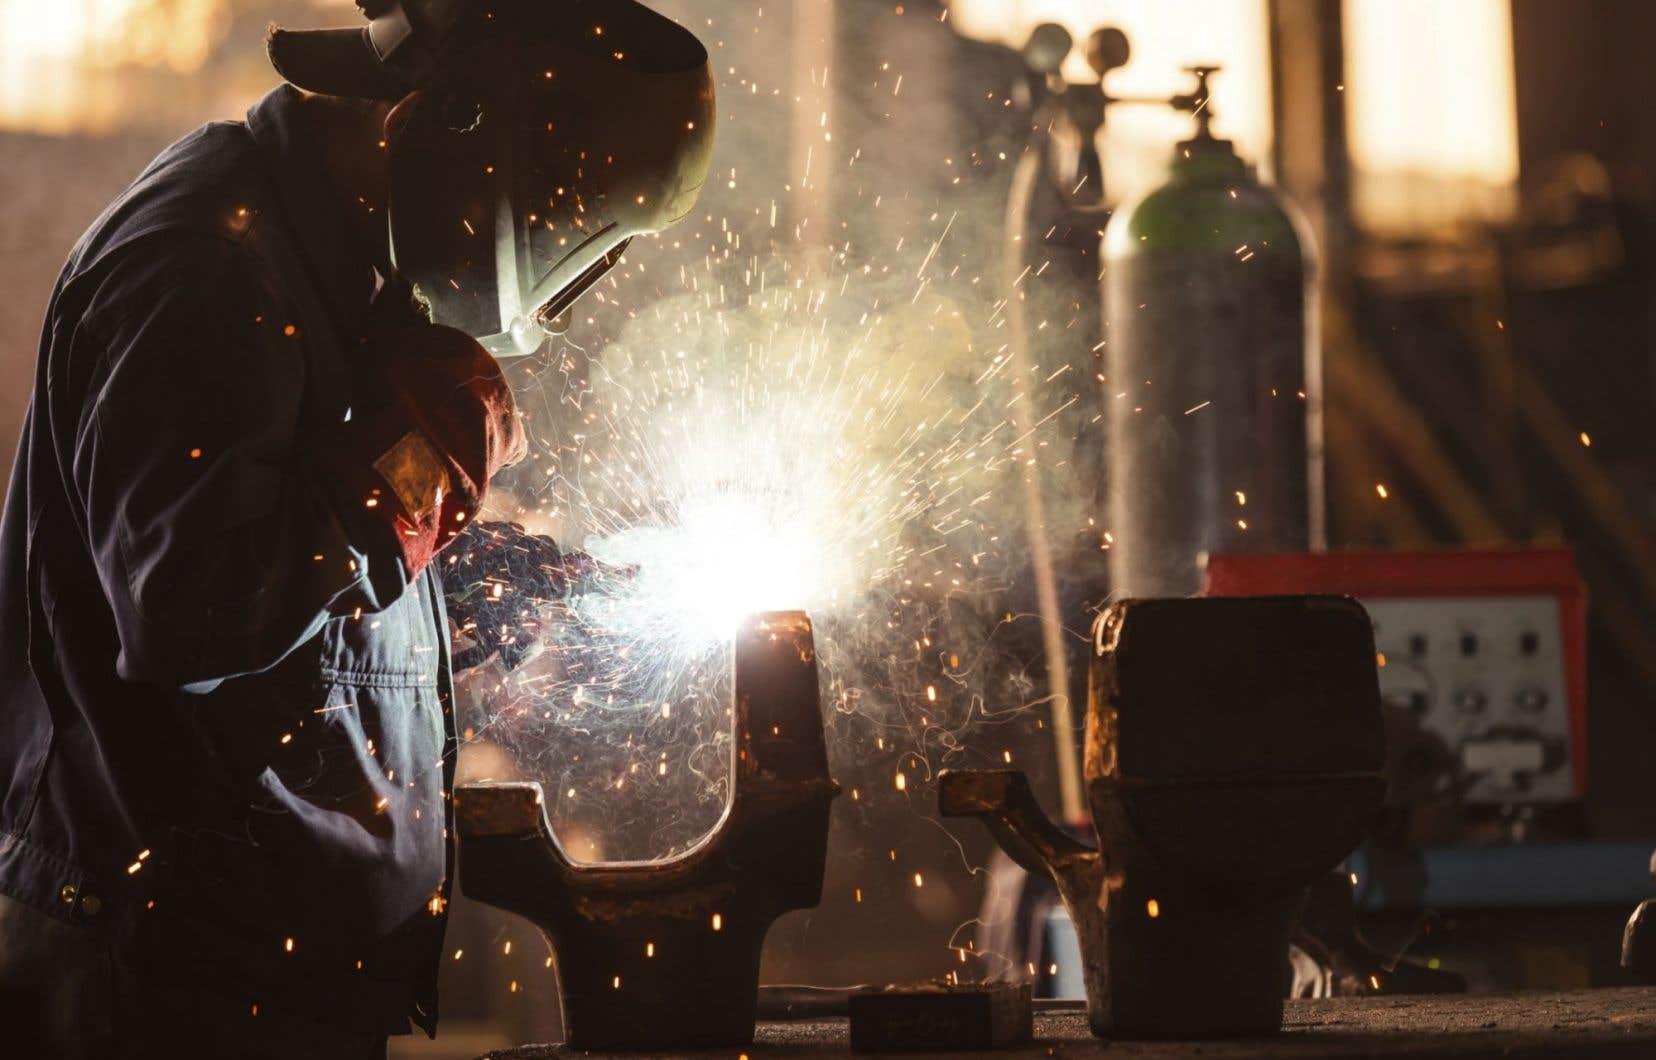 Le taux de chômage est resté stable à 6,8 % en mars, alors que près de 29 000 emplois de plus ont été créés par rapport au mois précédent.